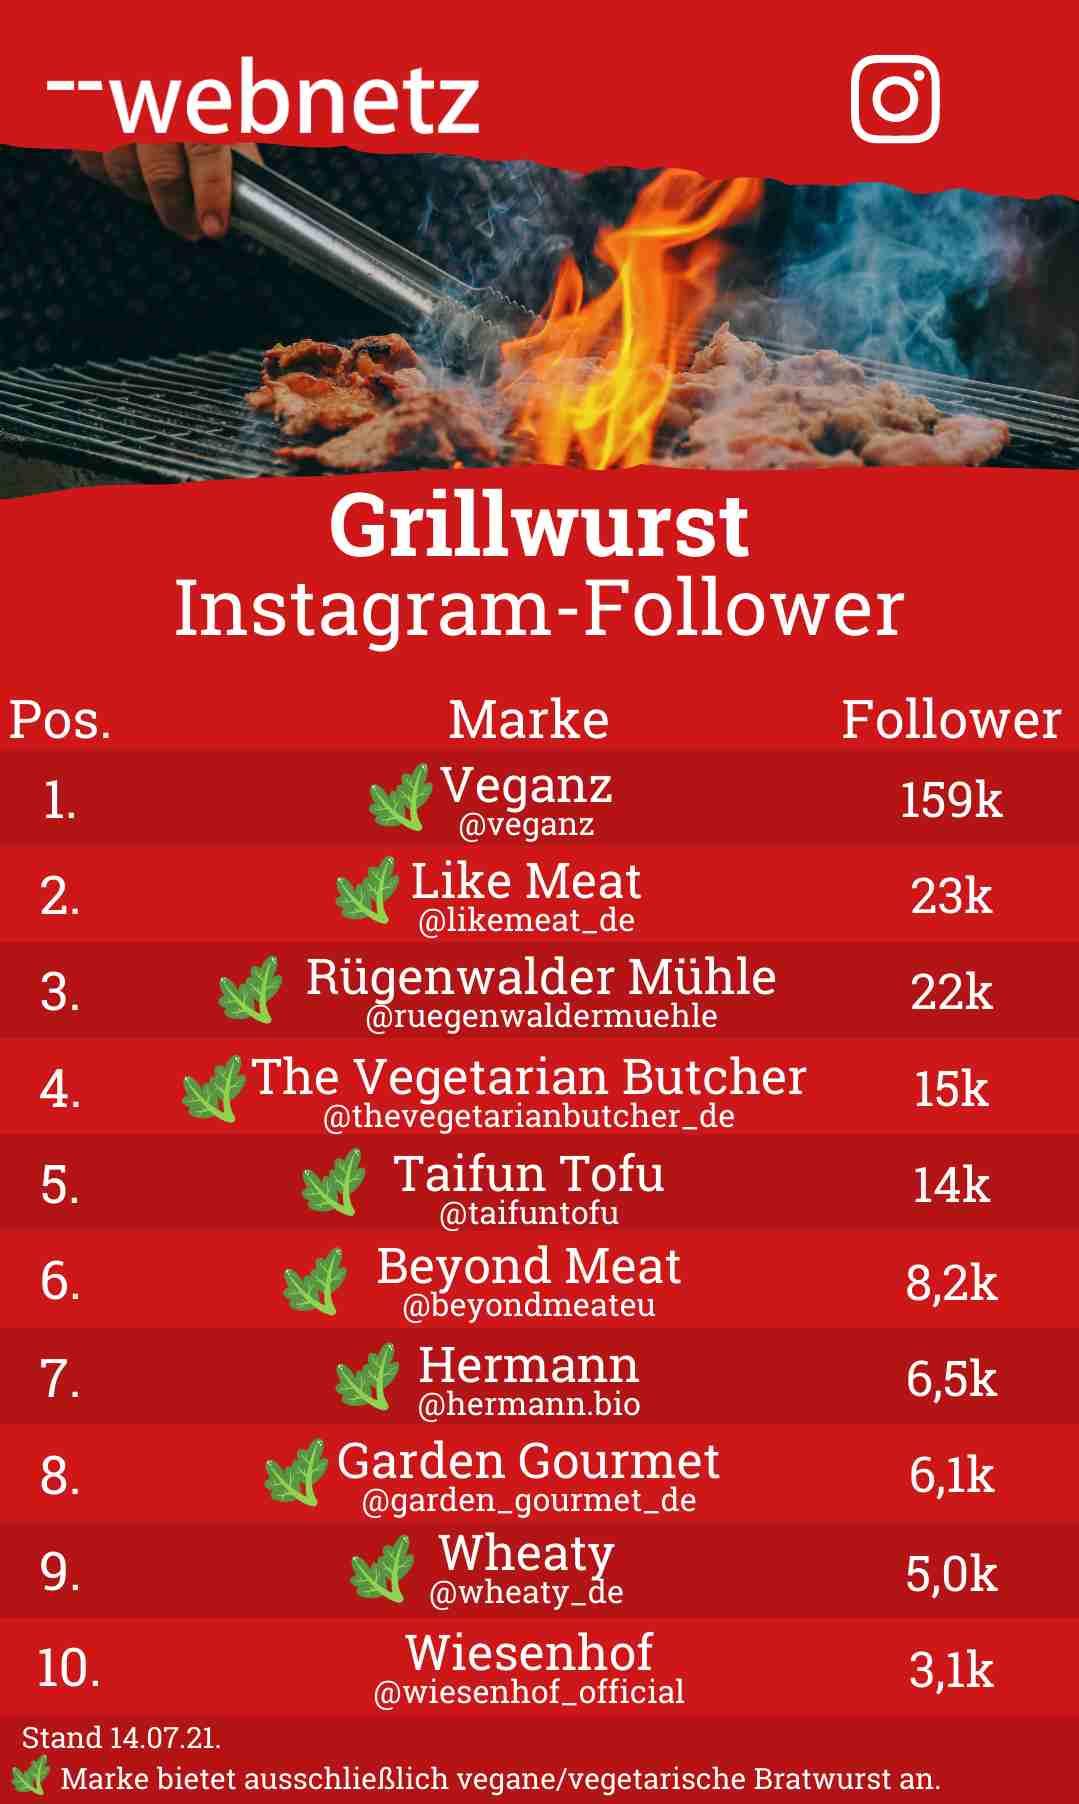 Grillwurst Instagram-Follower